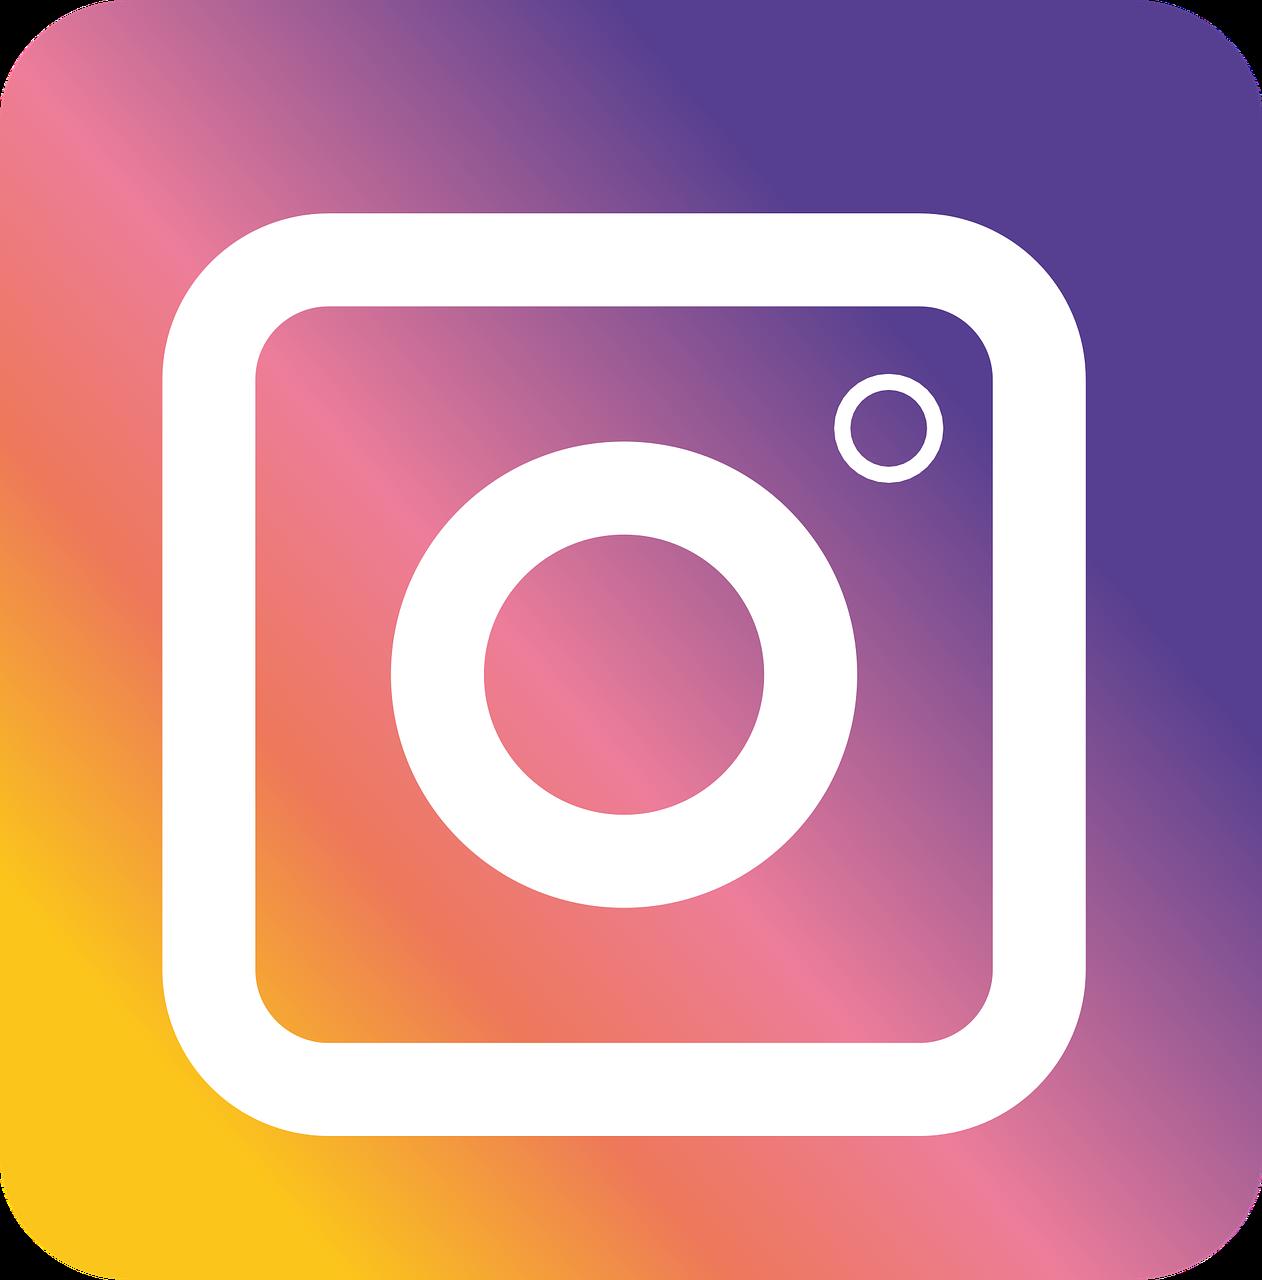 Guide influenceur - choisir instagram come réseau social